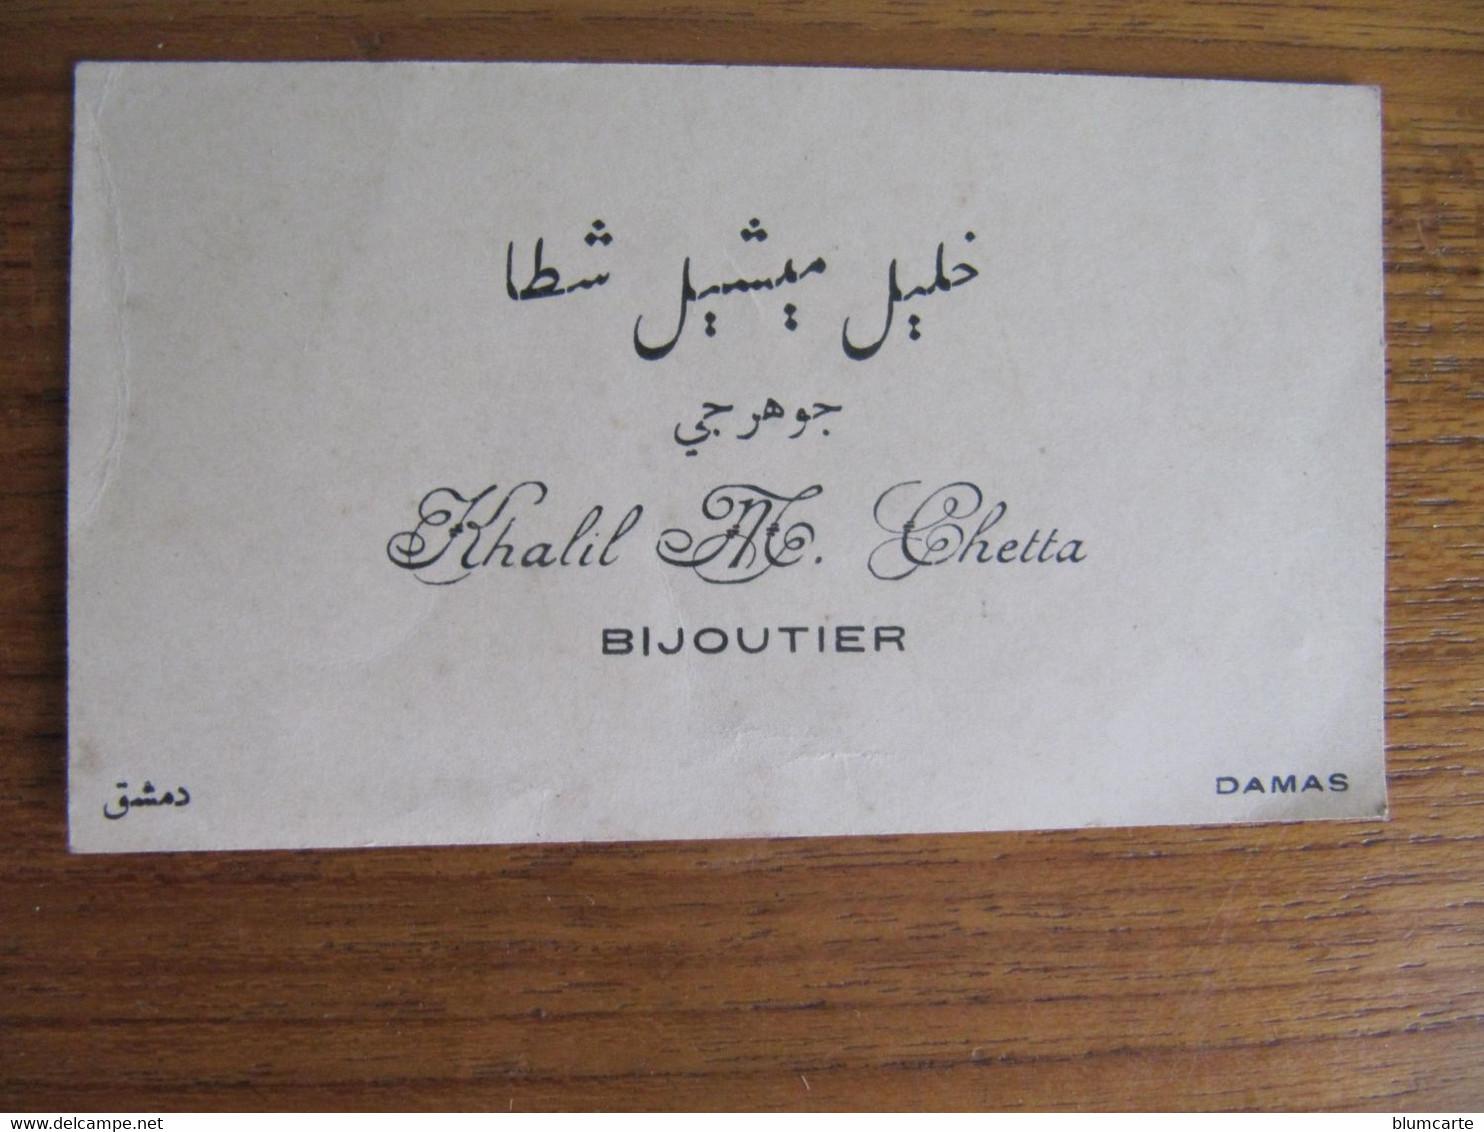 Carte De Visite - KHALIL AL CHETTA - BIJOUTIER - DAMAS - Format : 9 X 5 Cm - Visiting Cards